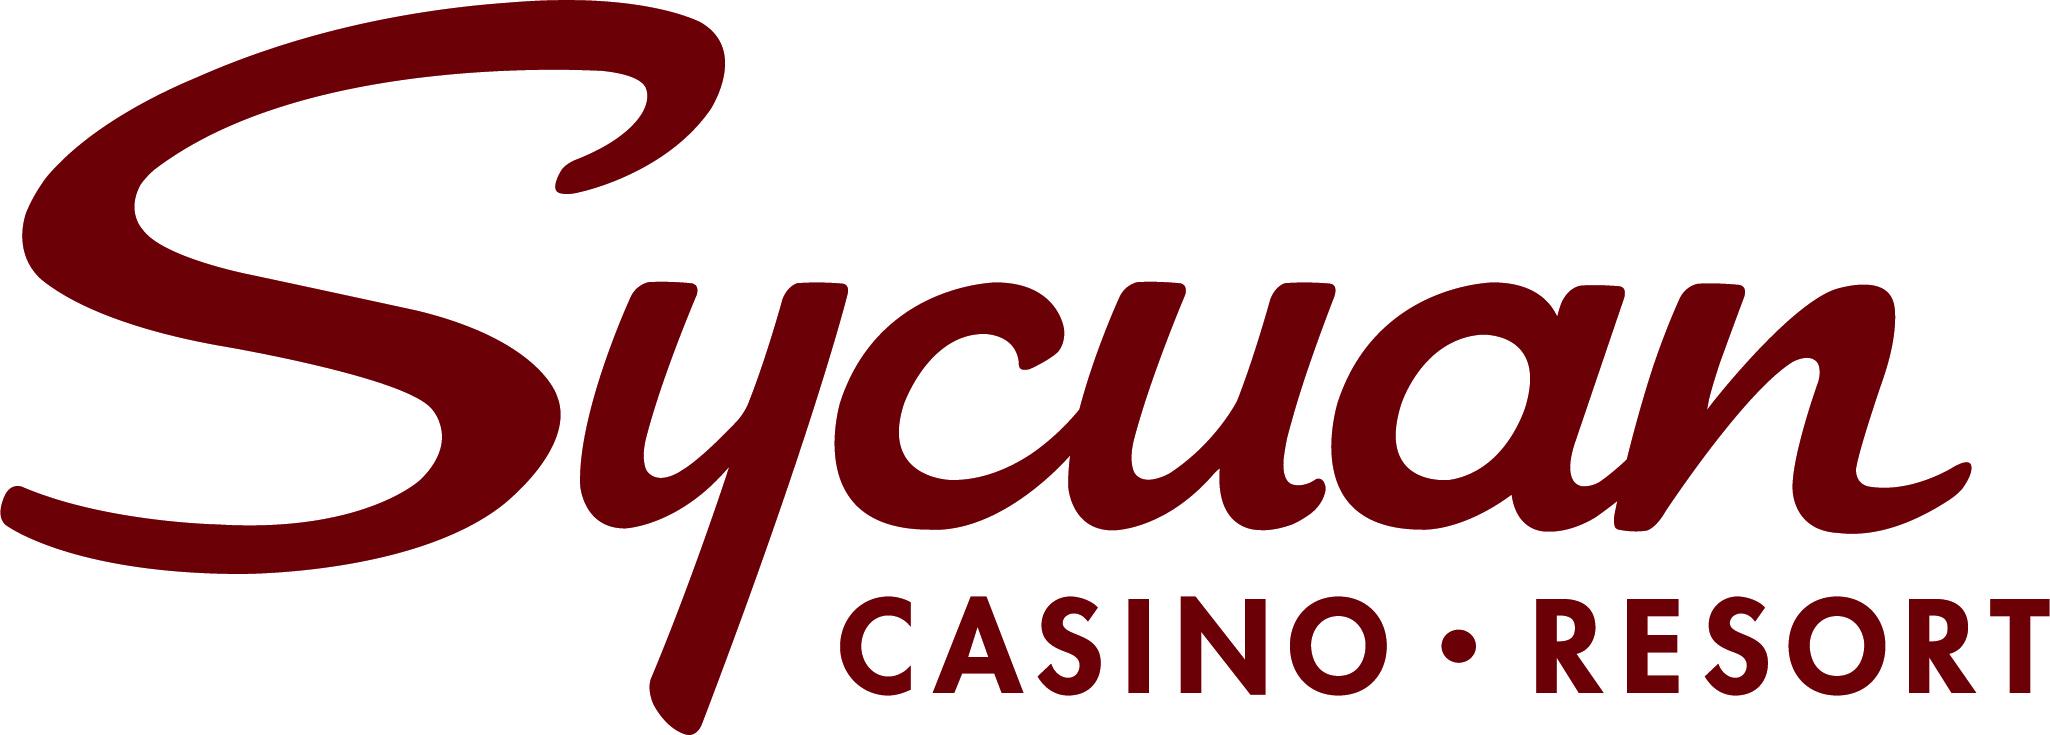 Sycuan Casino (PRNewsfoto/Sycuan Casino)